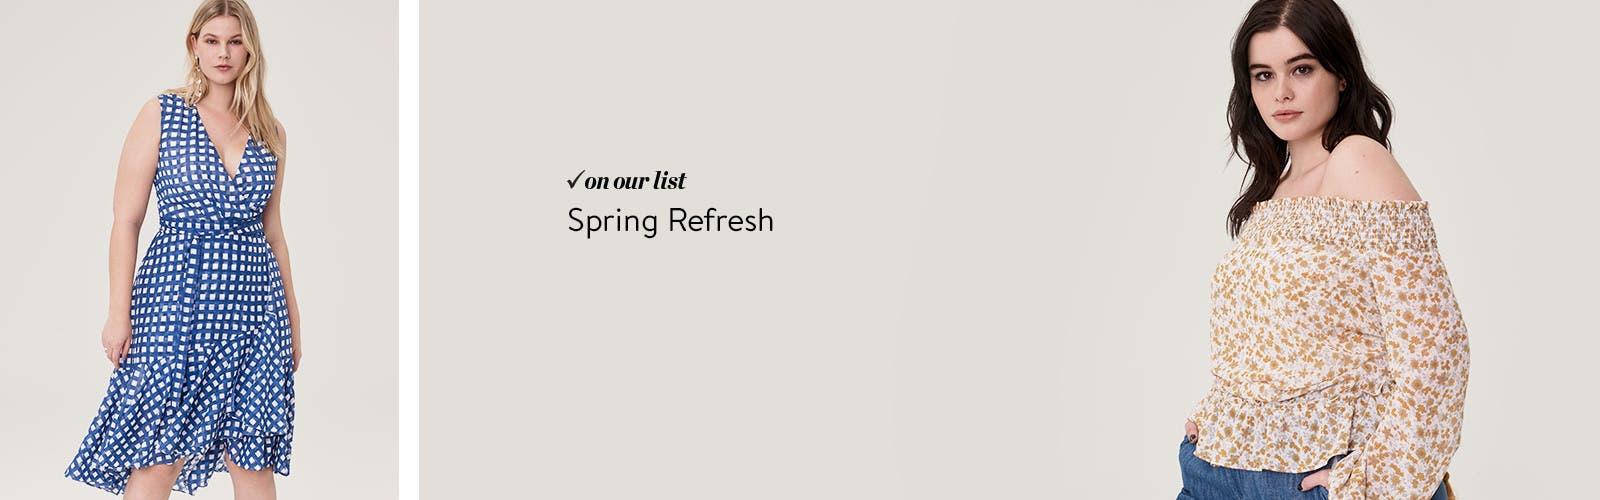 Spring refresh.